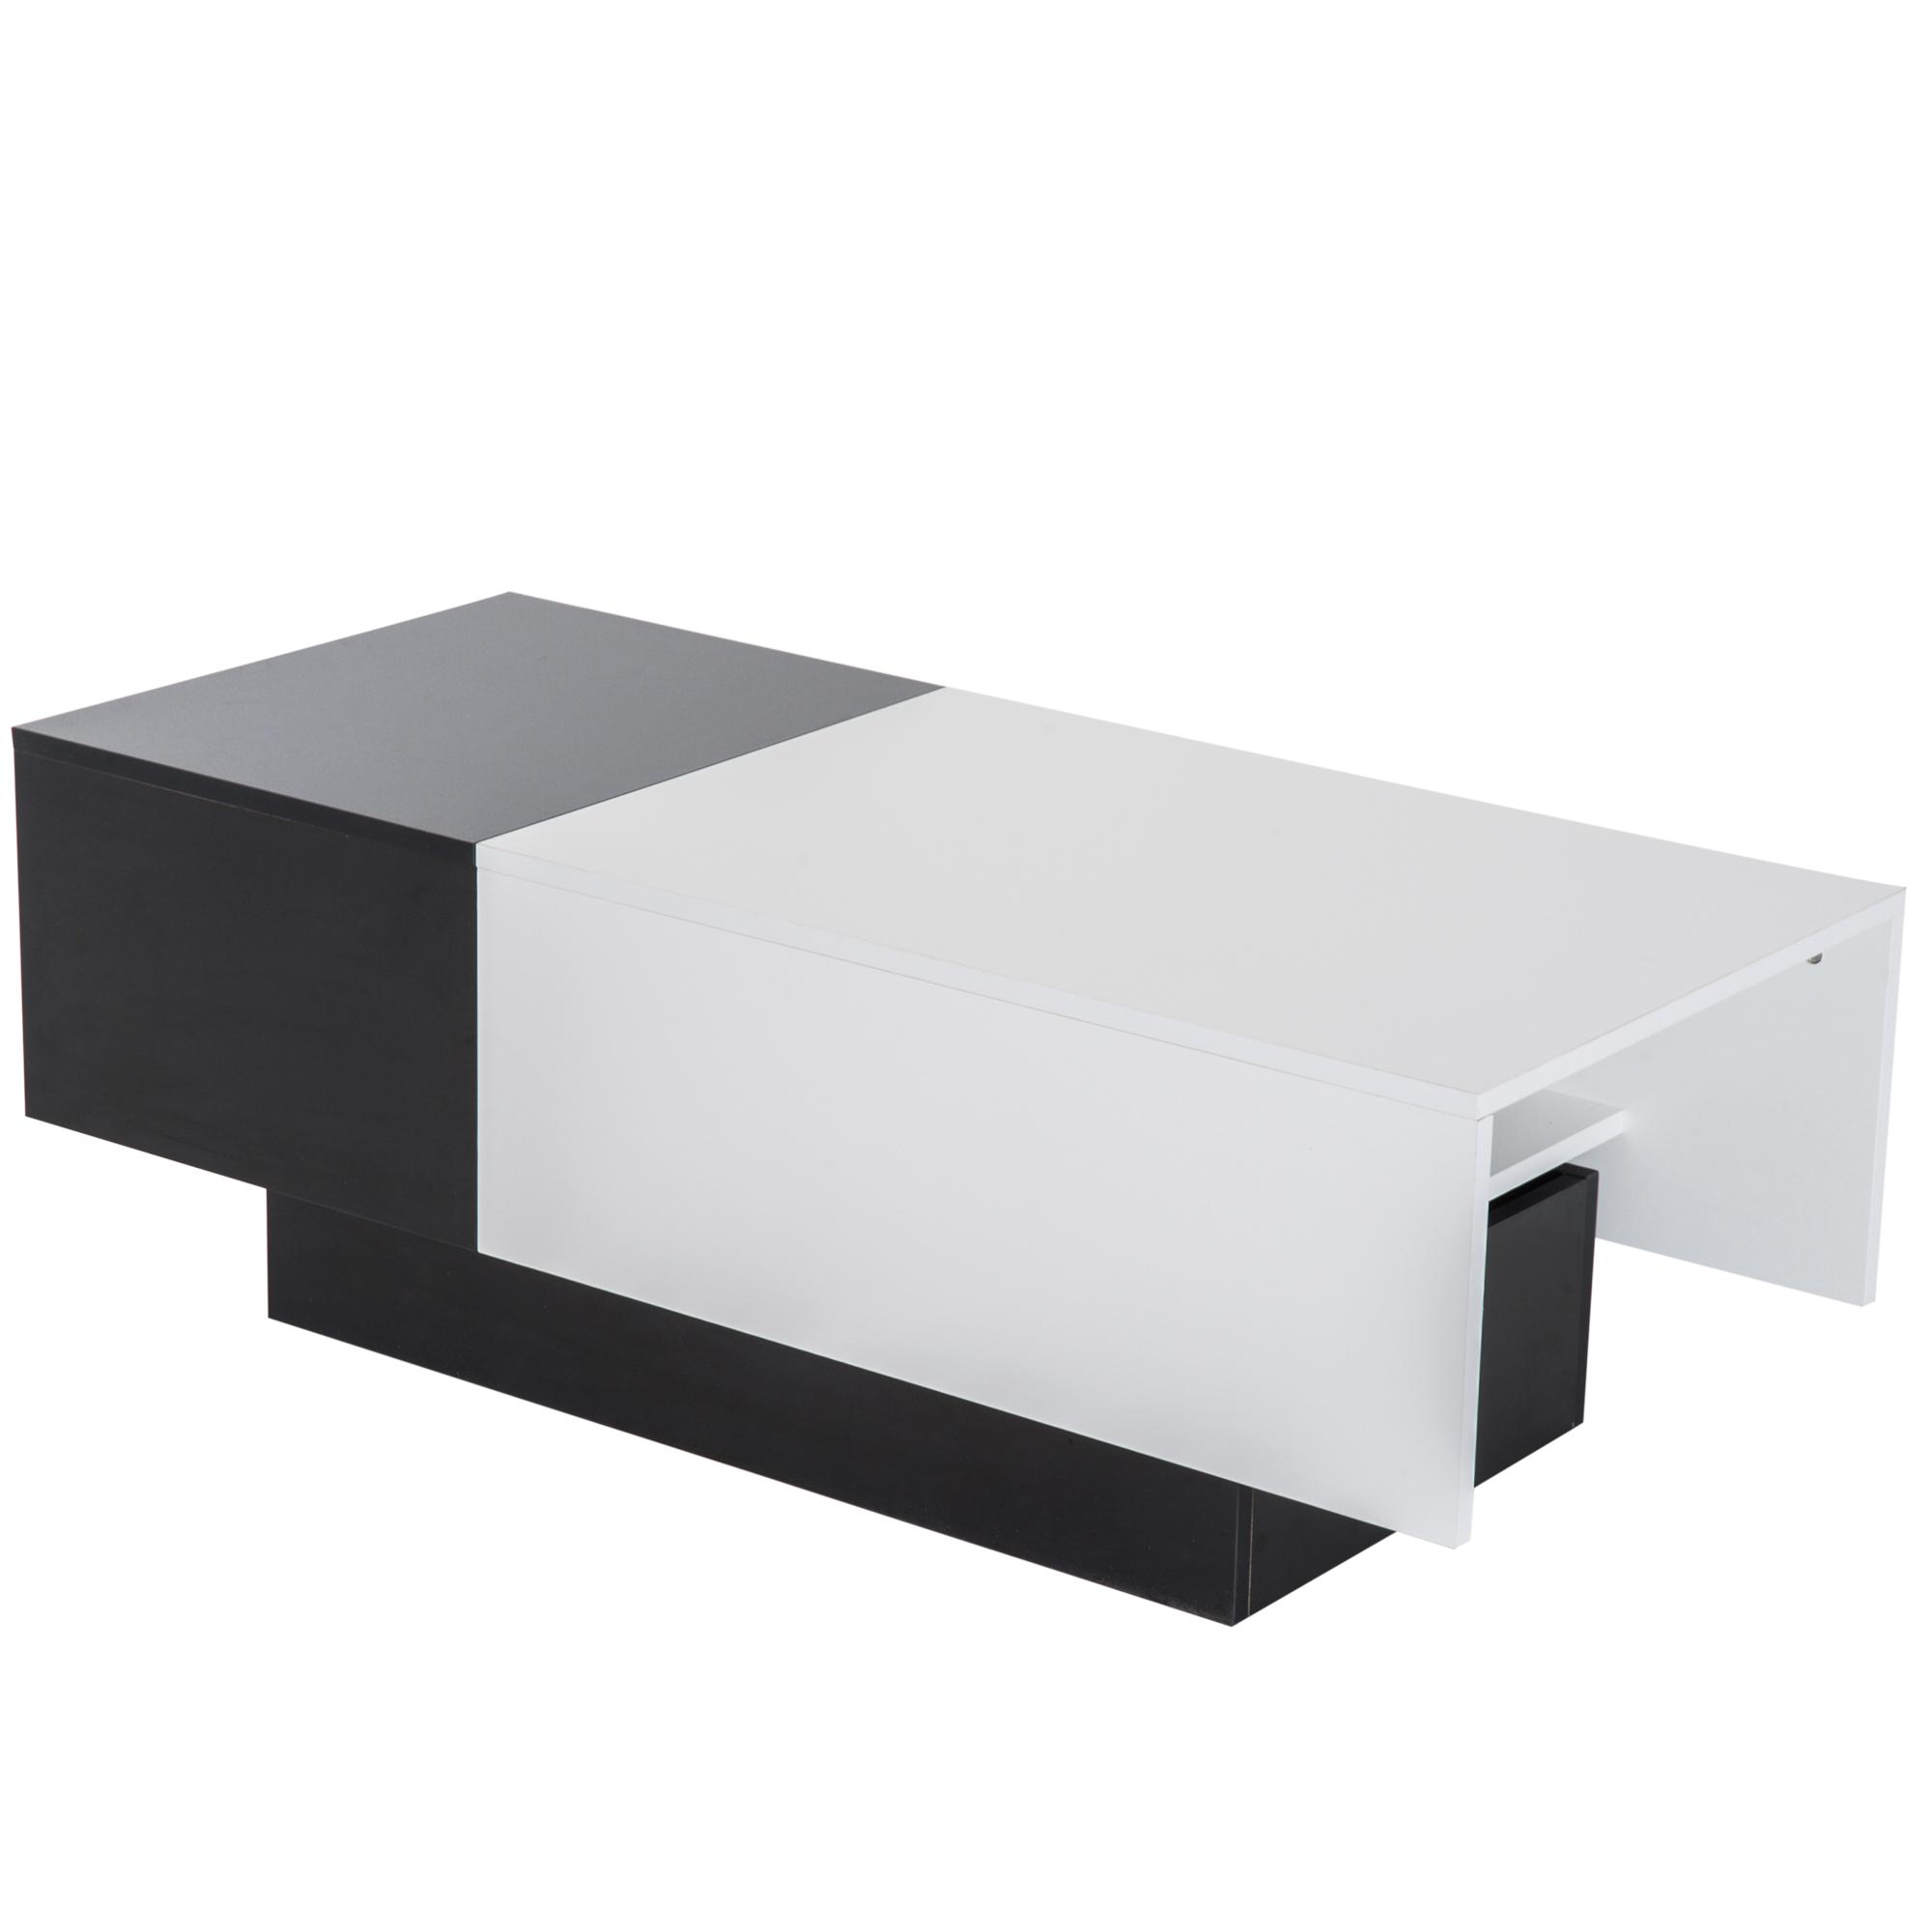 Tavolo Salotto Estendibile.Dettagli Su Homcom Tavolino Da Salotto Soggiorno Spazio Portaoggetti Moderno Estendibile